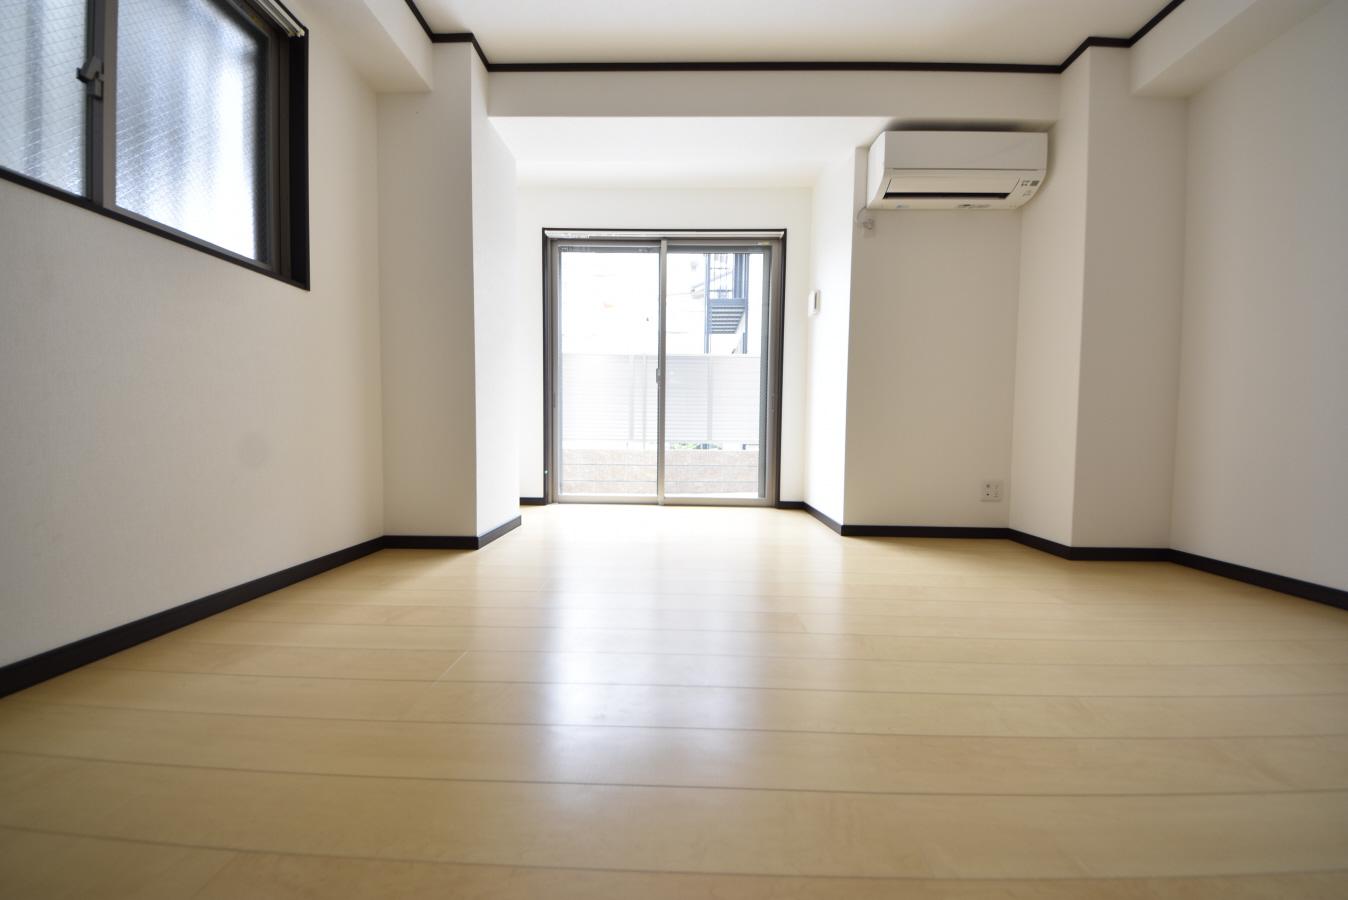 物件番号: 1025883921 宝ビル  神戸市中央区日暮通1丁目 2LDK マンション 画像19